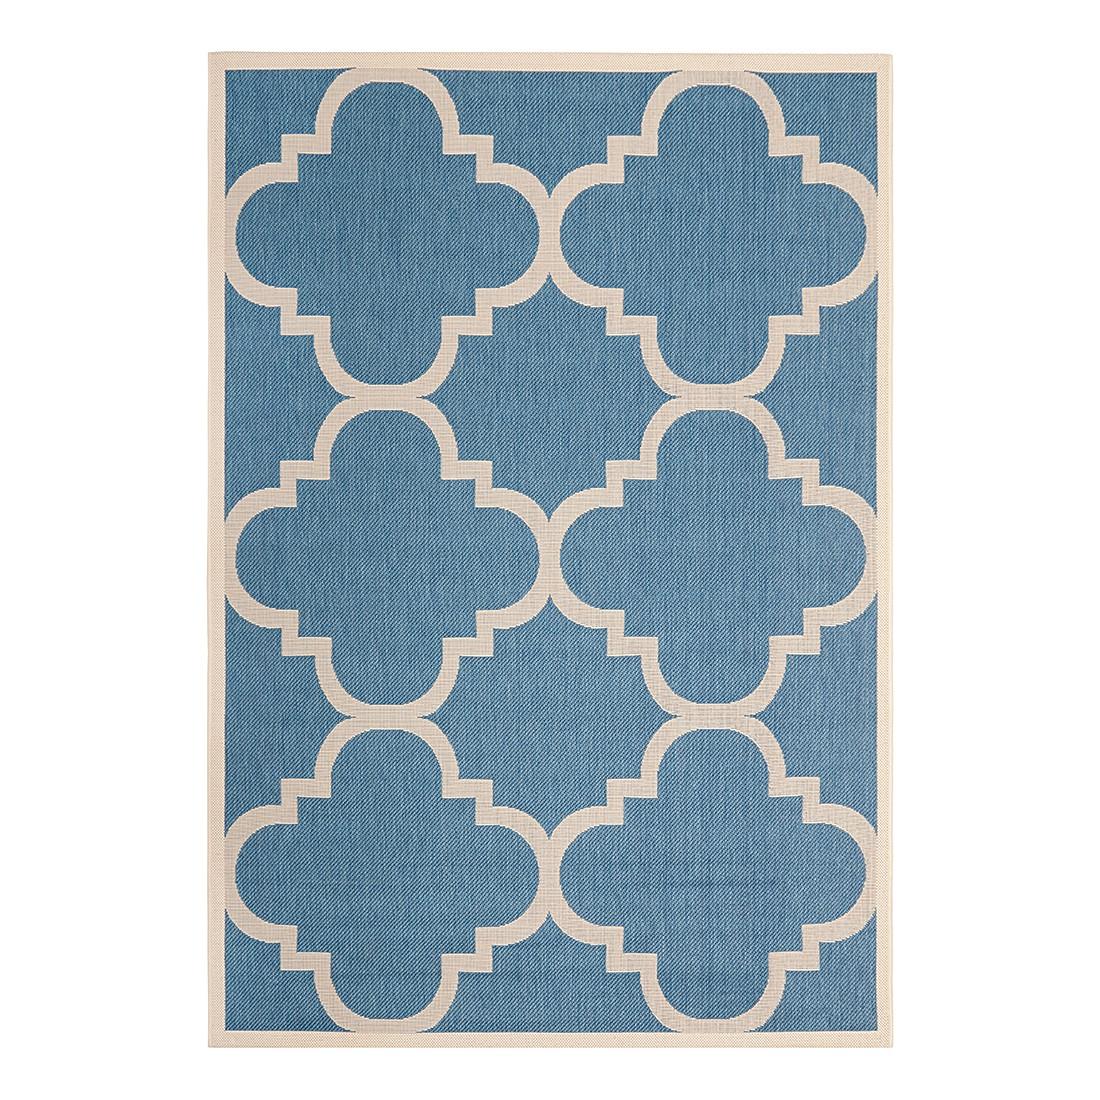 In-/Outdoorteppich Mali – Blau/Beige – Maße: 160 x 231 cm, Safavieh bestellen